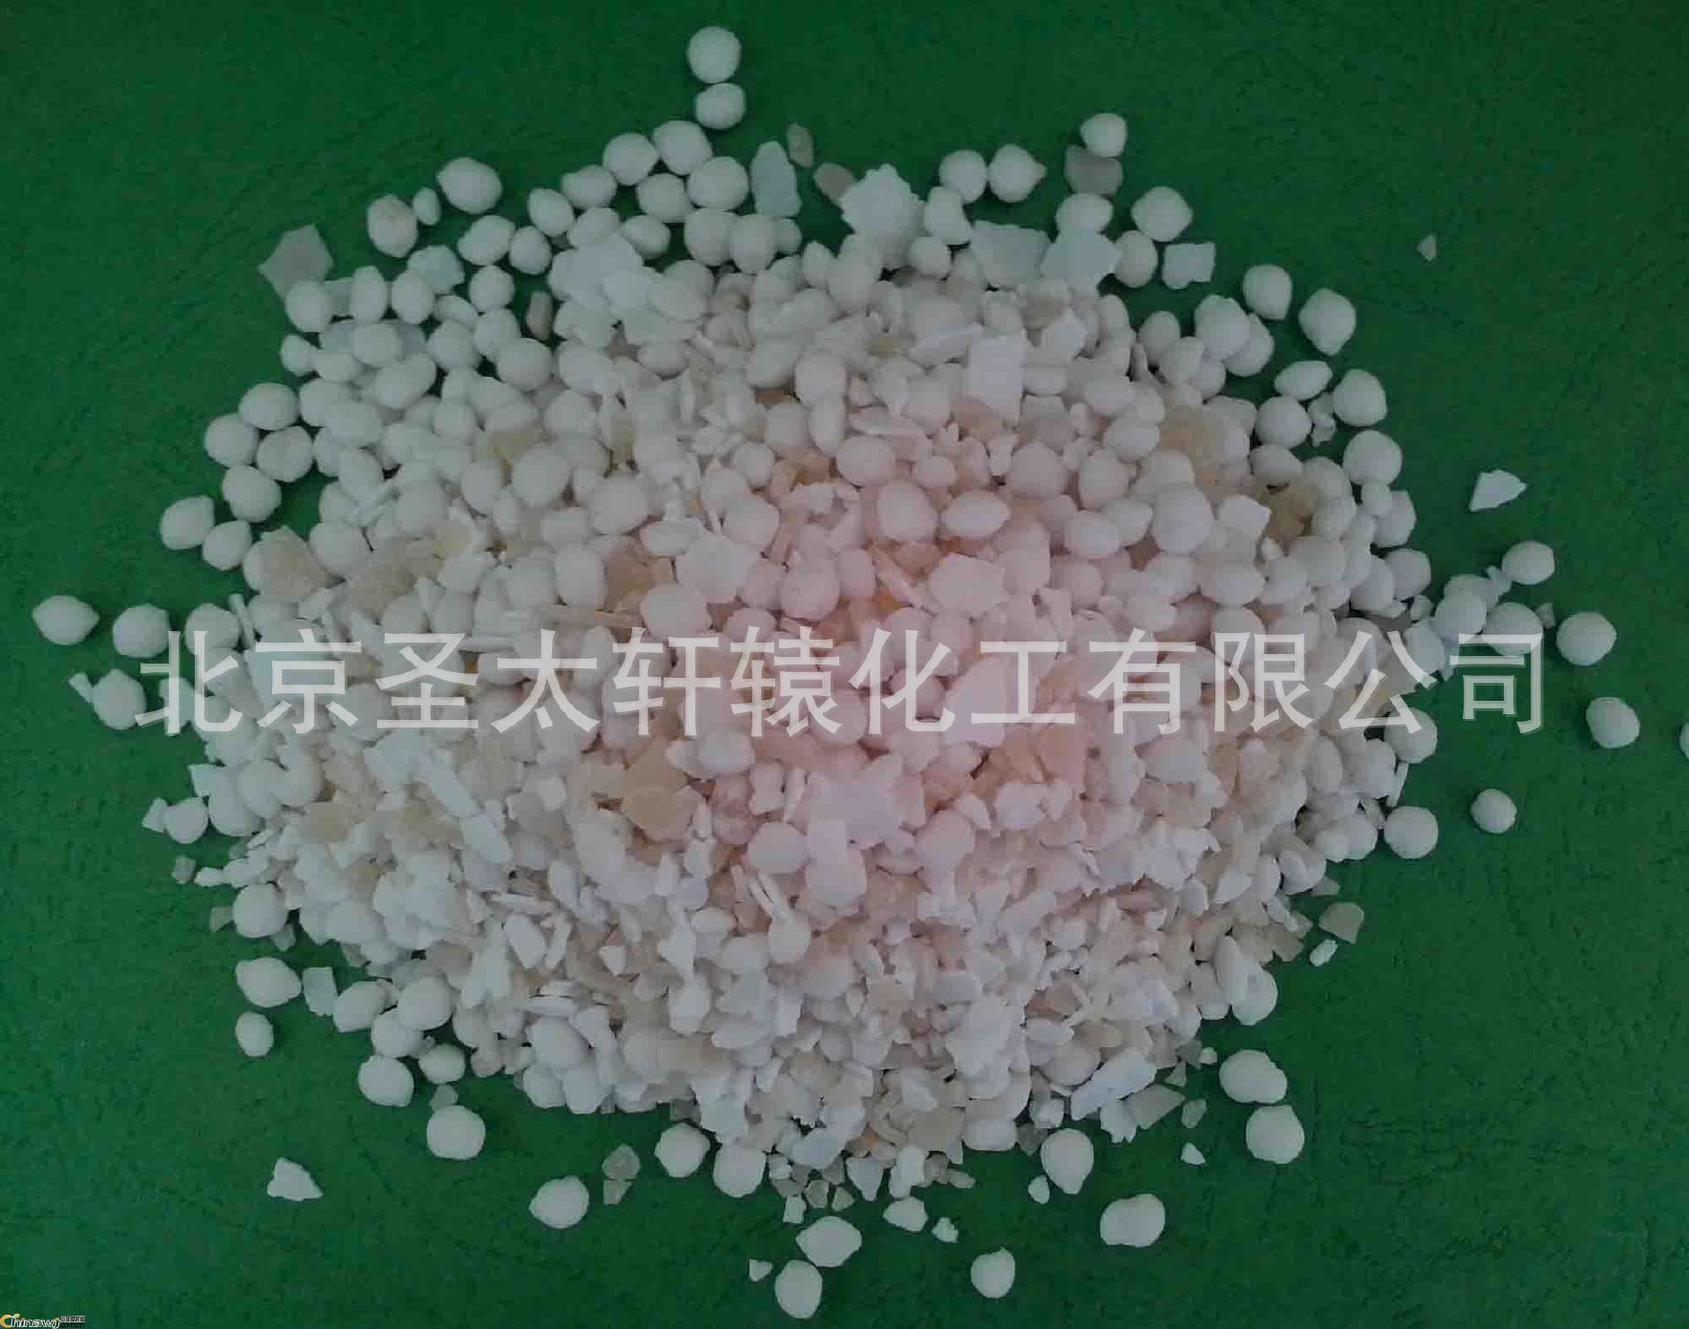 热销 新型优质有机融雪剂 球型混合融雪剂 工业级氯化镁化雪剂示例图34